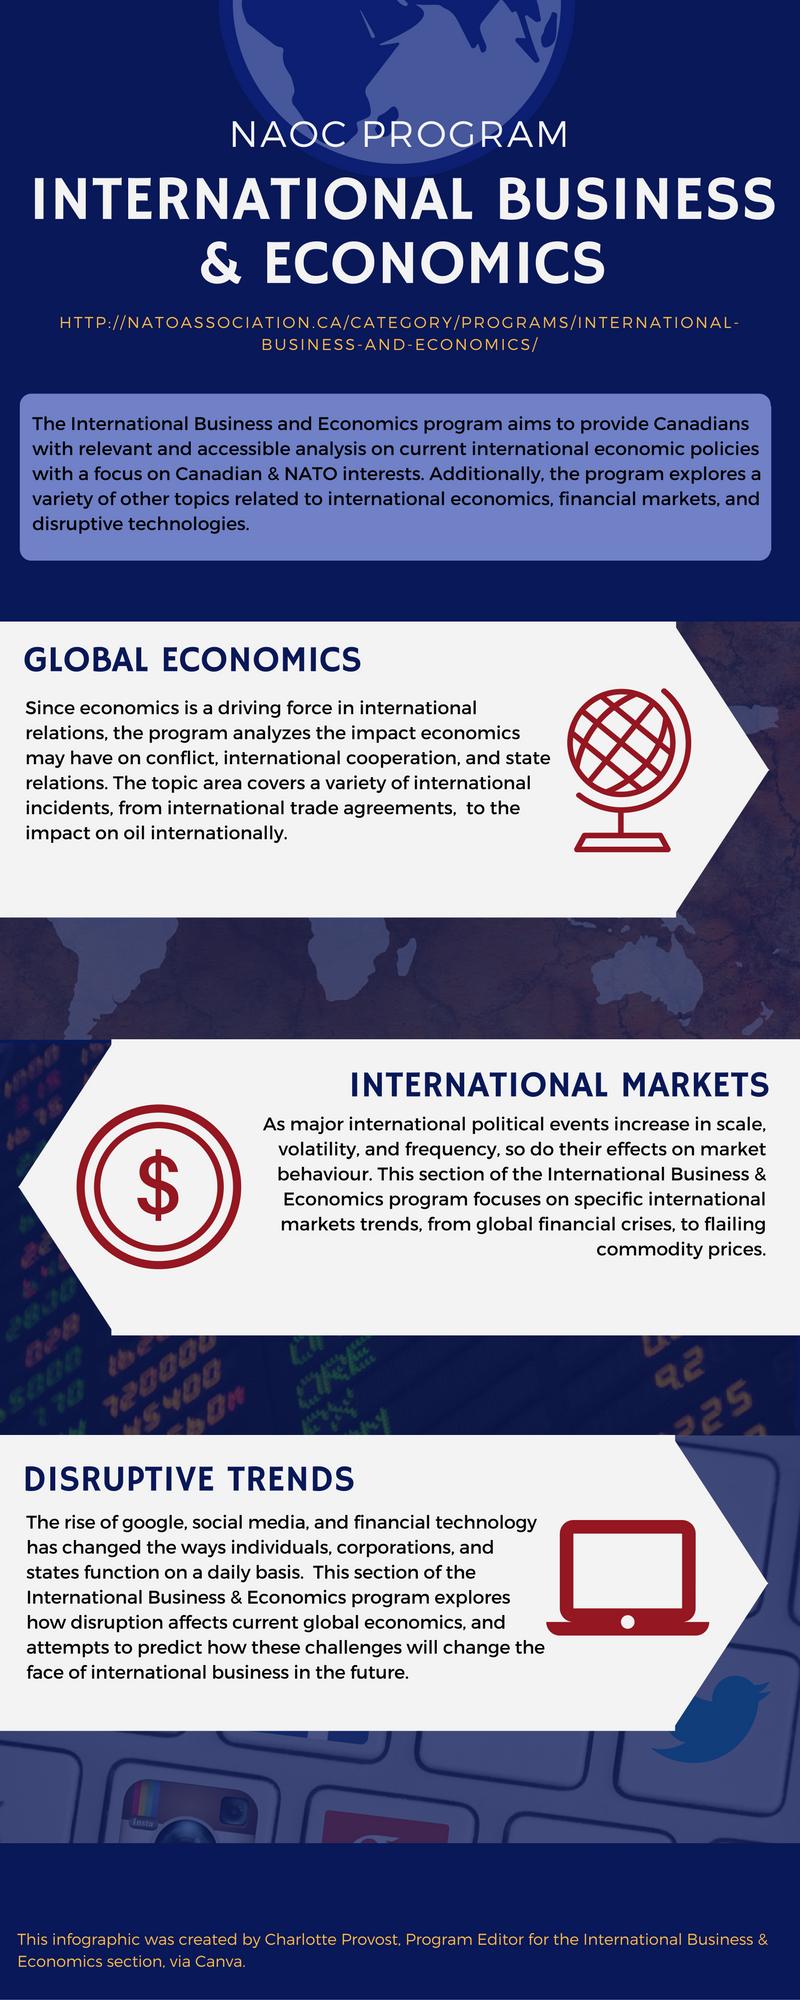 IntlBusiness-Economics